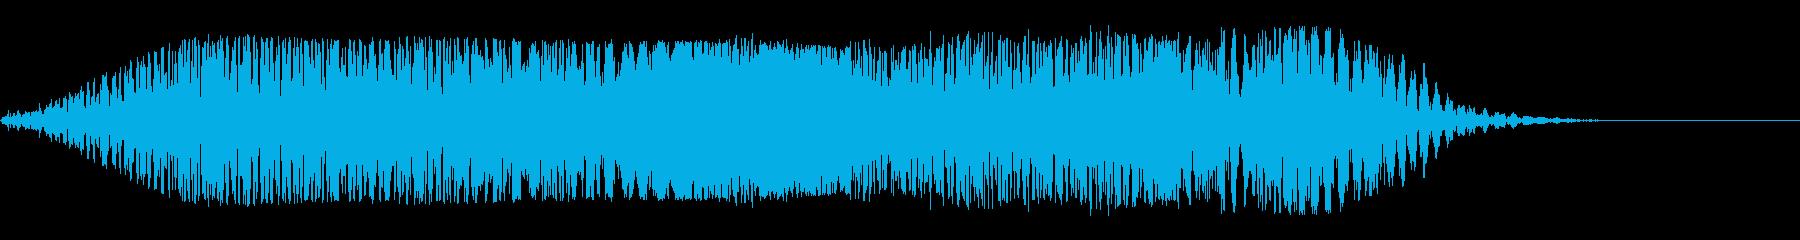 ブワワン(巨大惑星)の再生済みの波形